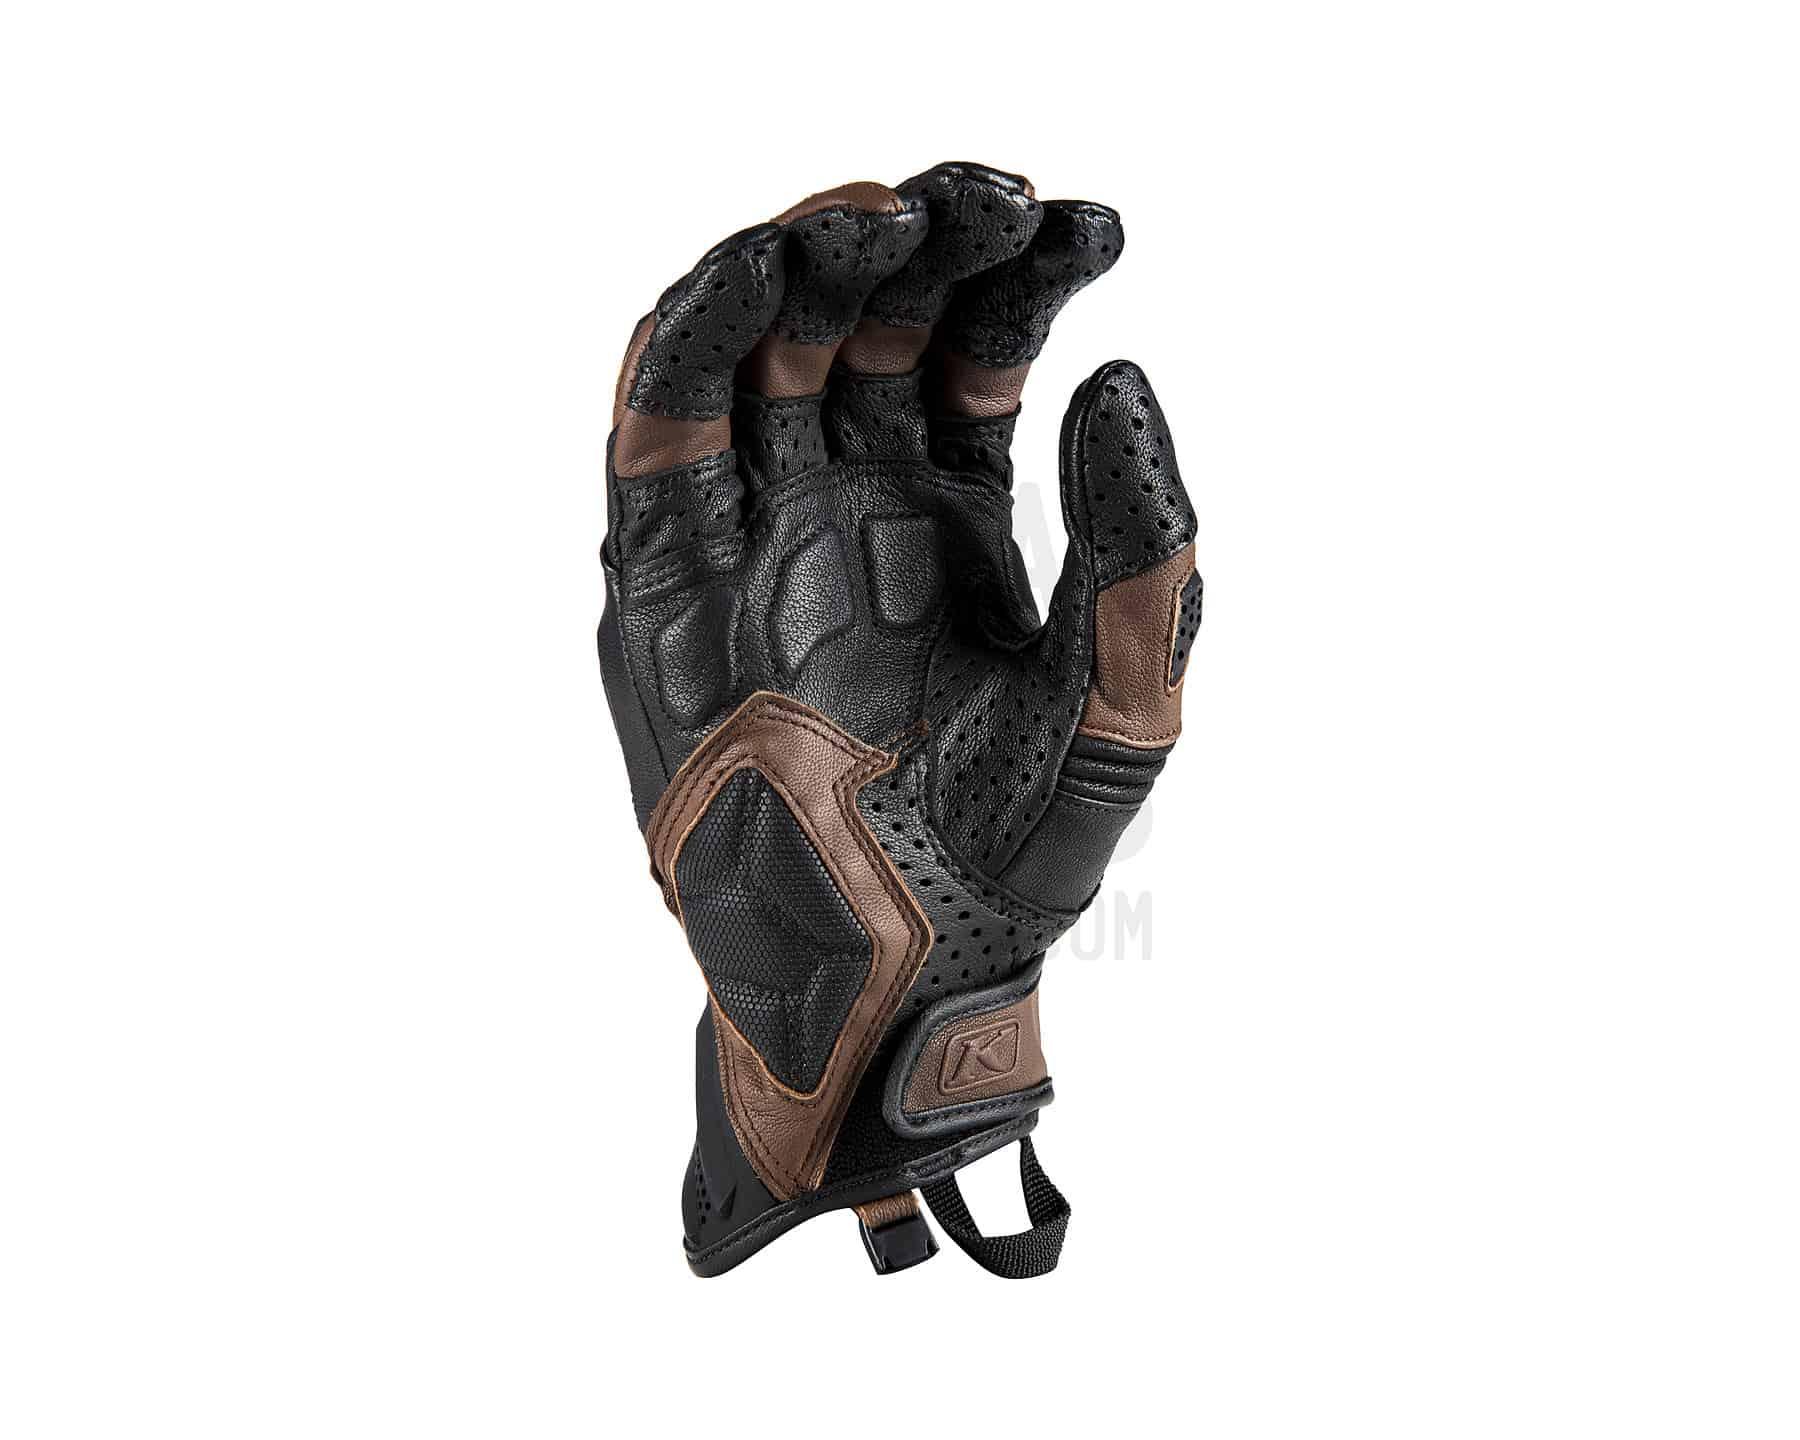 Badlands Aero Pro Short Glove_3924-000_Brown_02